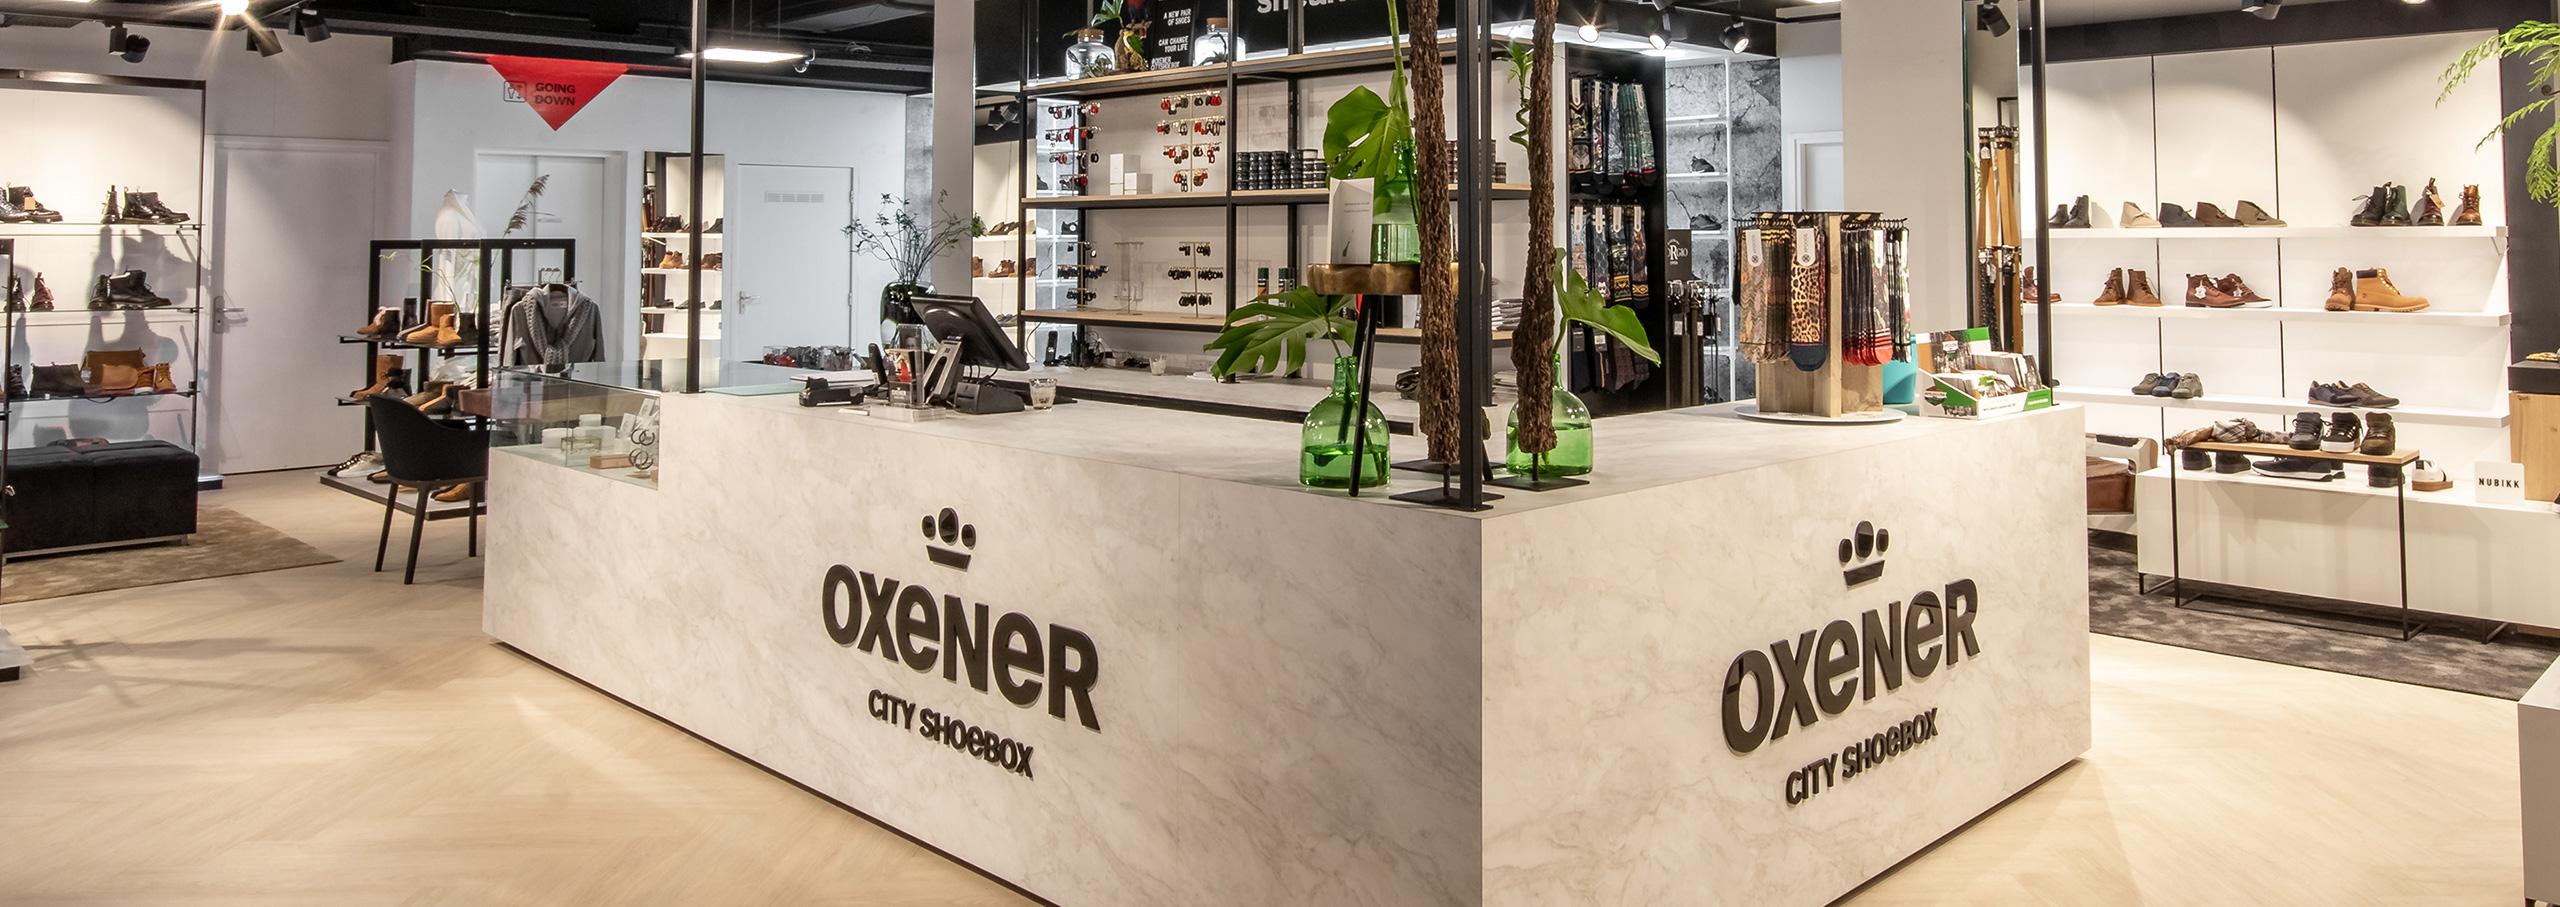 KOPexpo-Interieurbouw-Oxener-2880x1020